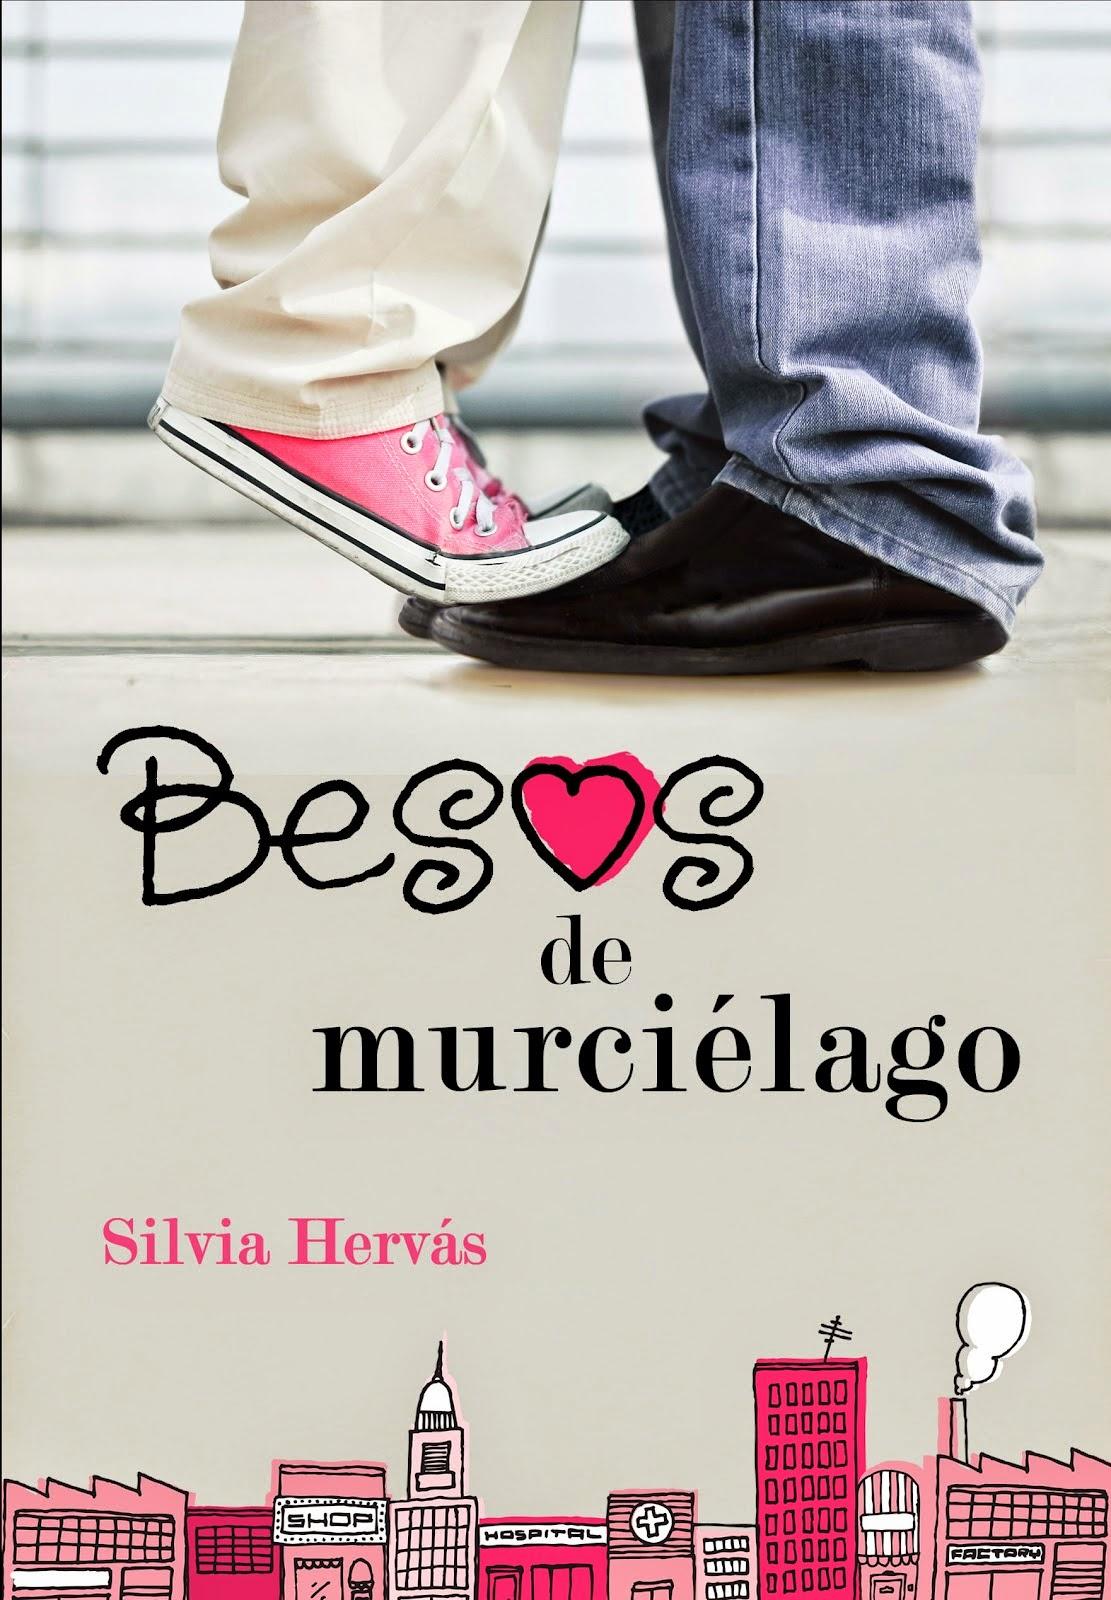 http://linteresantes.blogspot.com.es/2014/05/resenabesos-de-murcielago.html